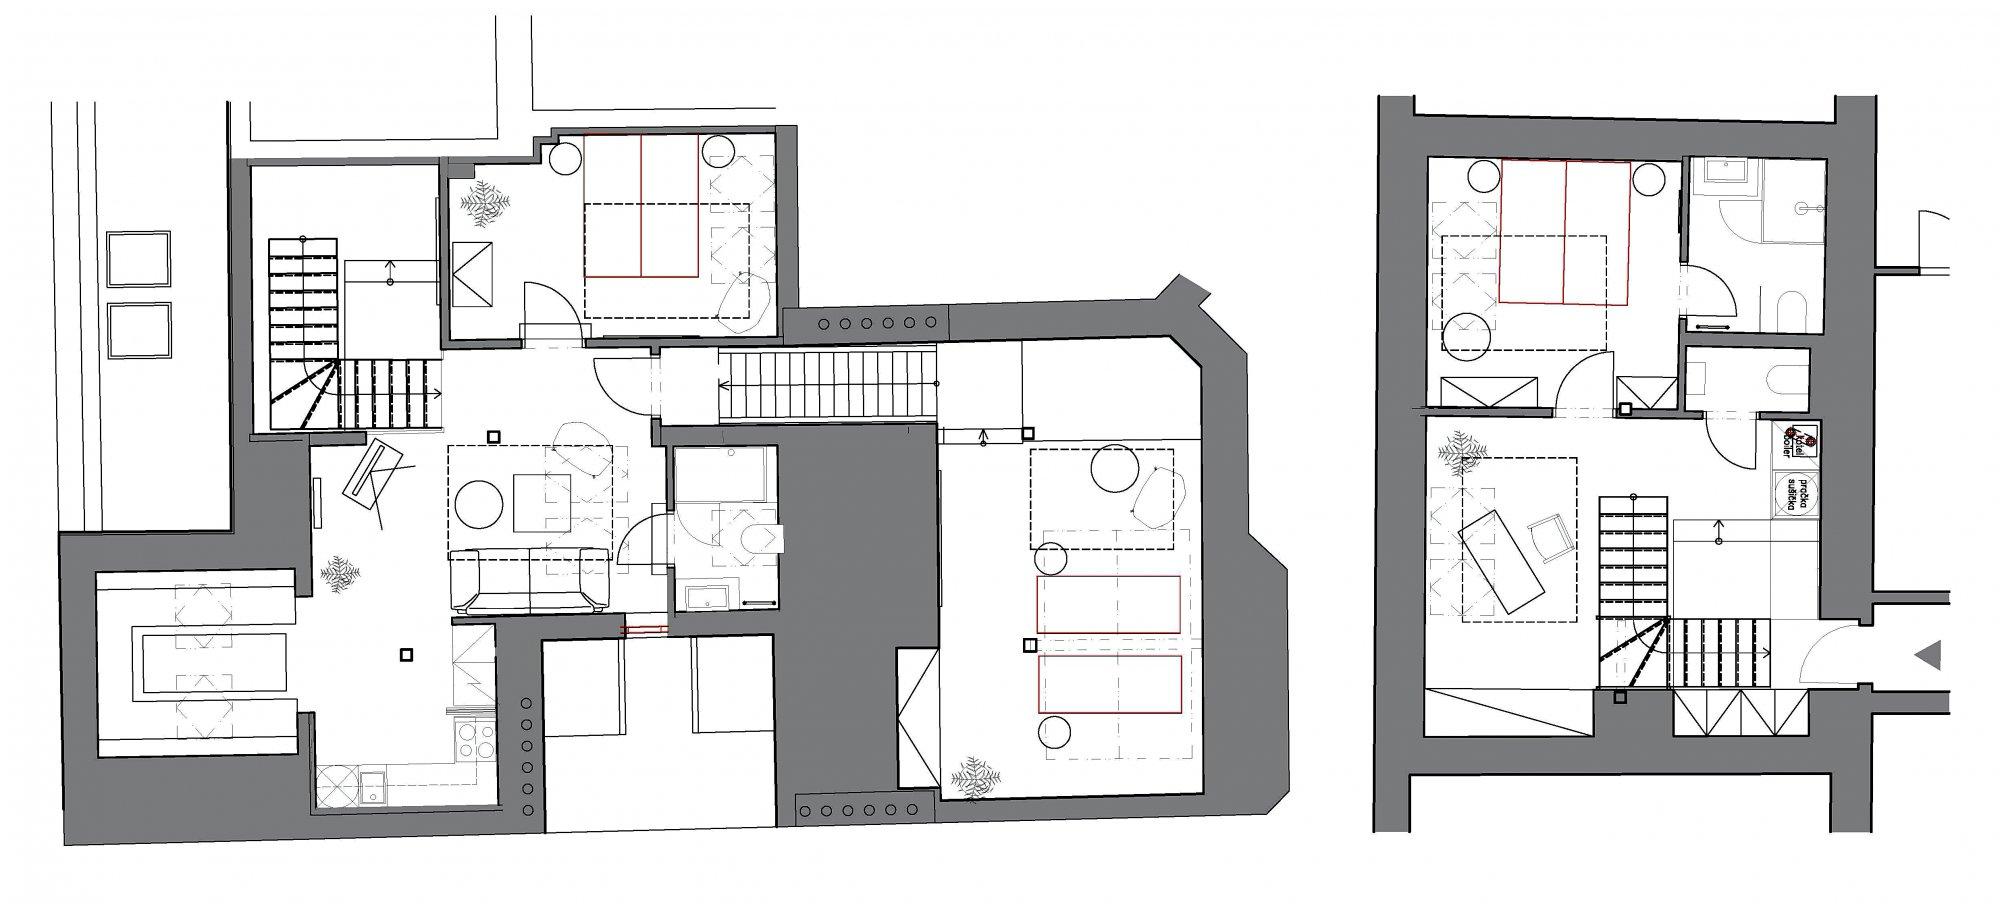 Půdorys - Půdní byt 3+kk, plocha 127 m², ulice Myslíkova, Praha 1 - Nové Město